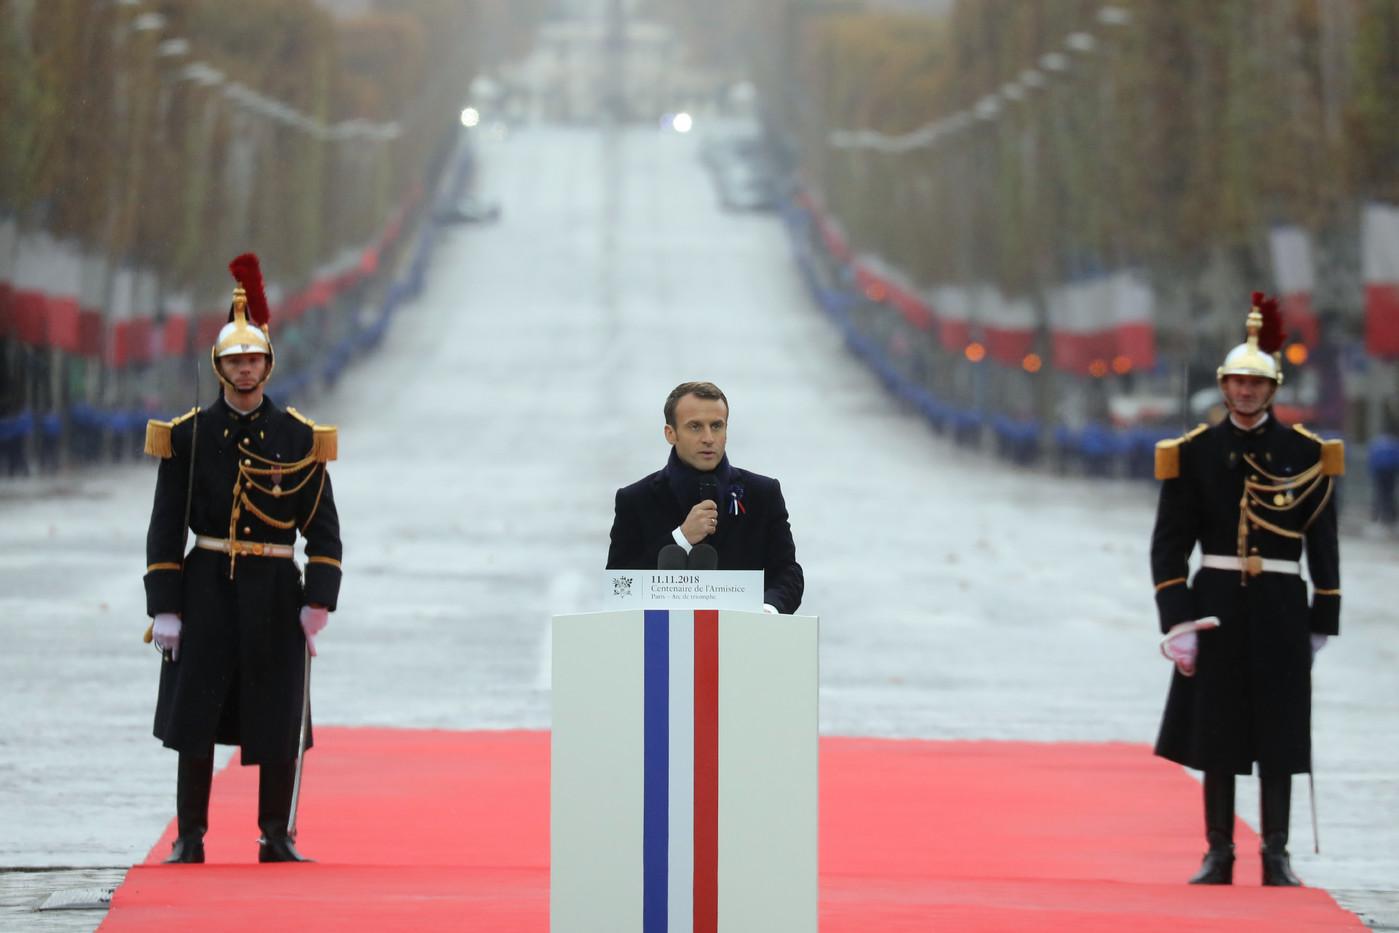 Cérémonie 11 novembre 2018. Emmanuel Macron.